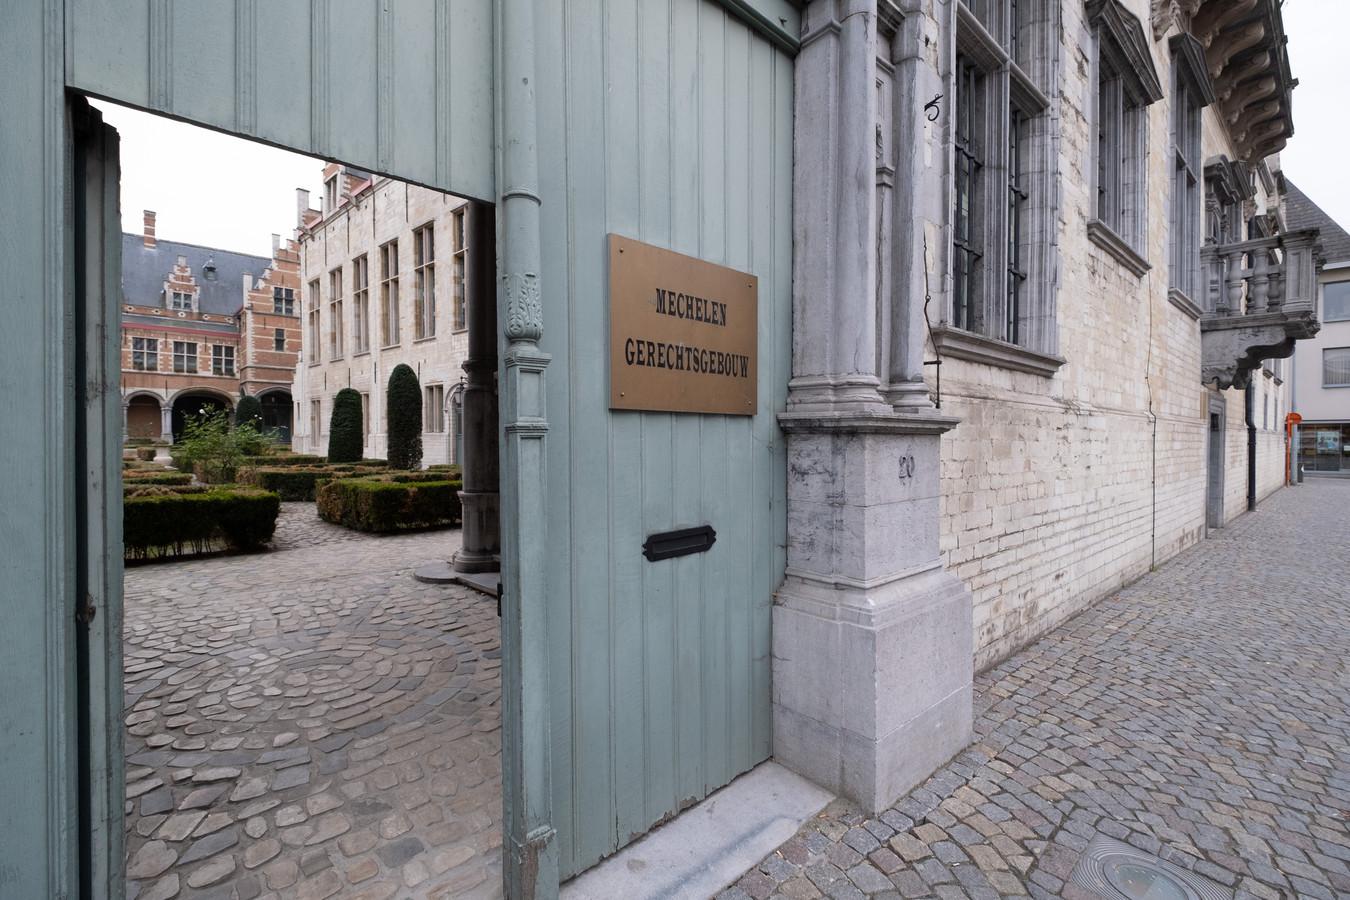 MECHELEN - Het gerechtsgebouw in Mechelen.